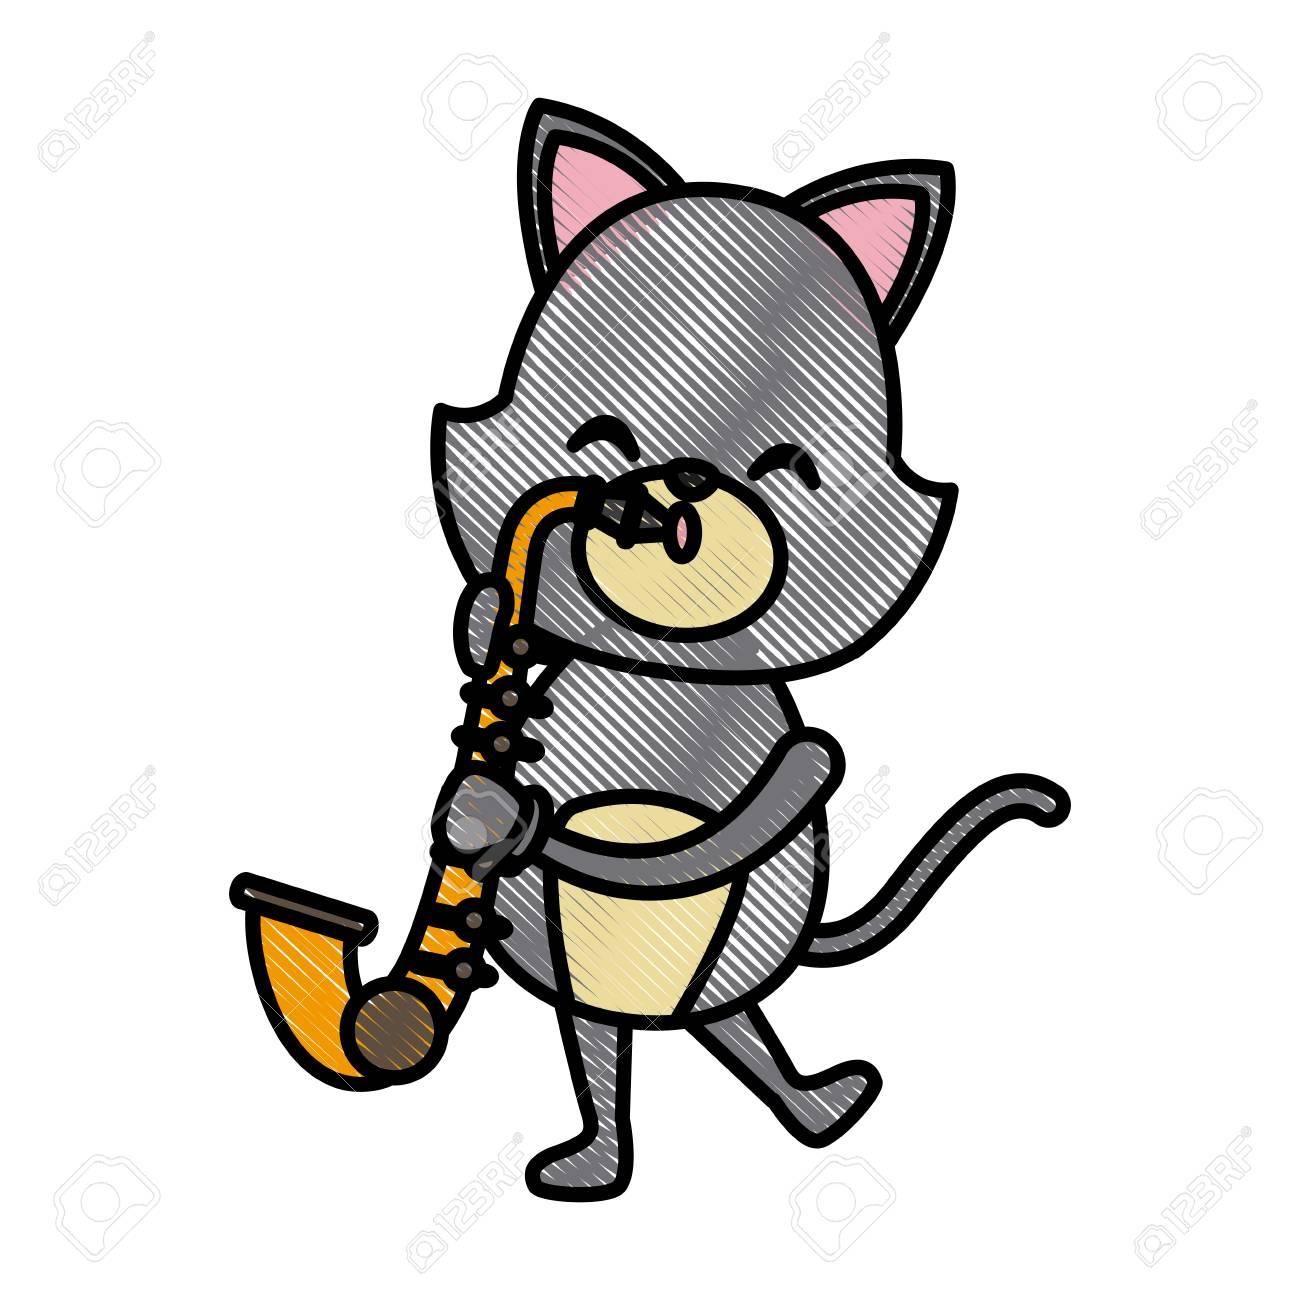 かわいい猫サックス漫画アイコン ベクトル イラスト グラフィック